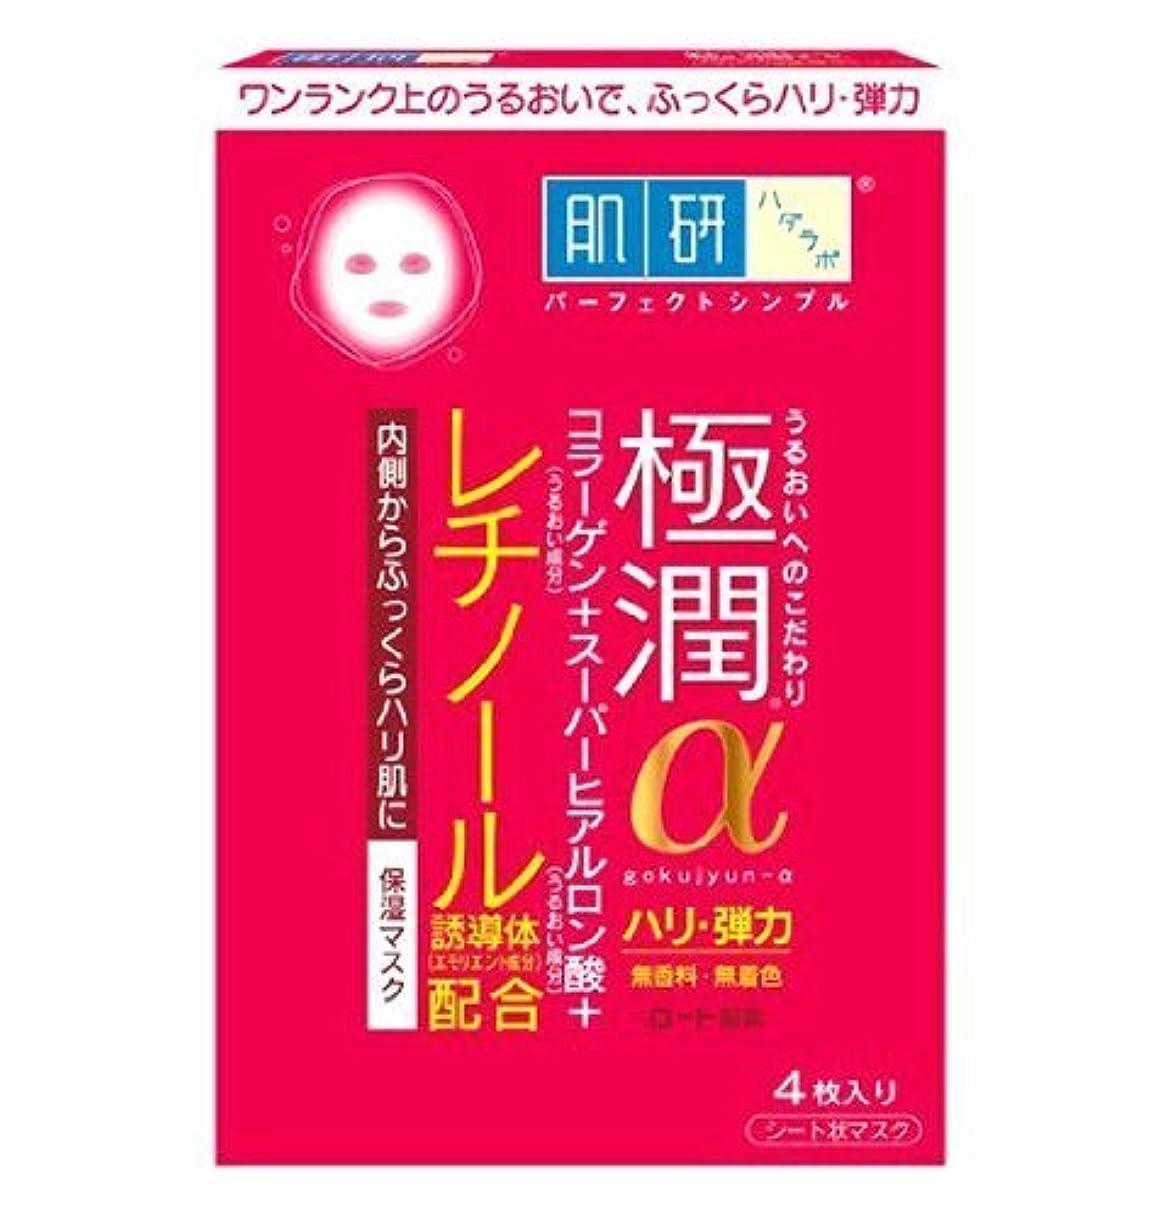 標準パイプ薄い肌研 極潤α マスク 4枚